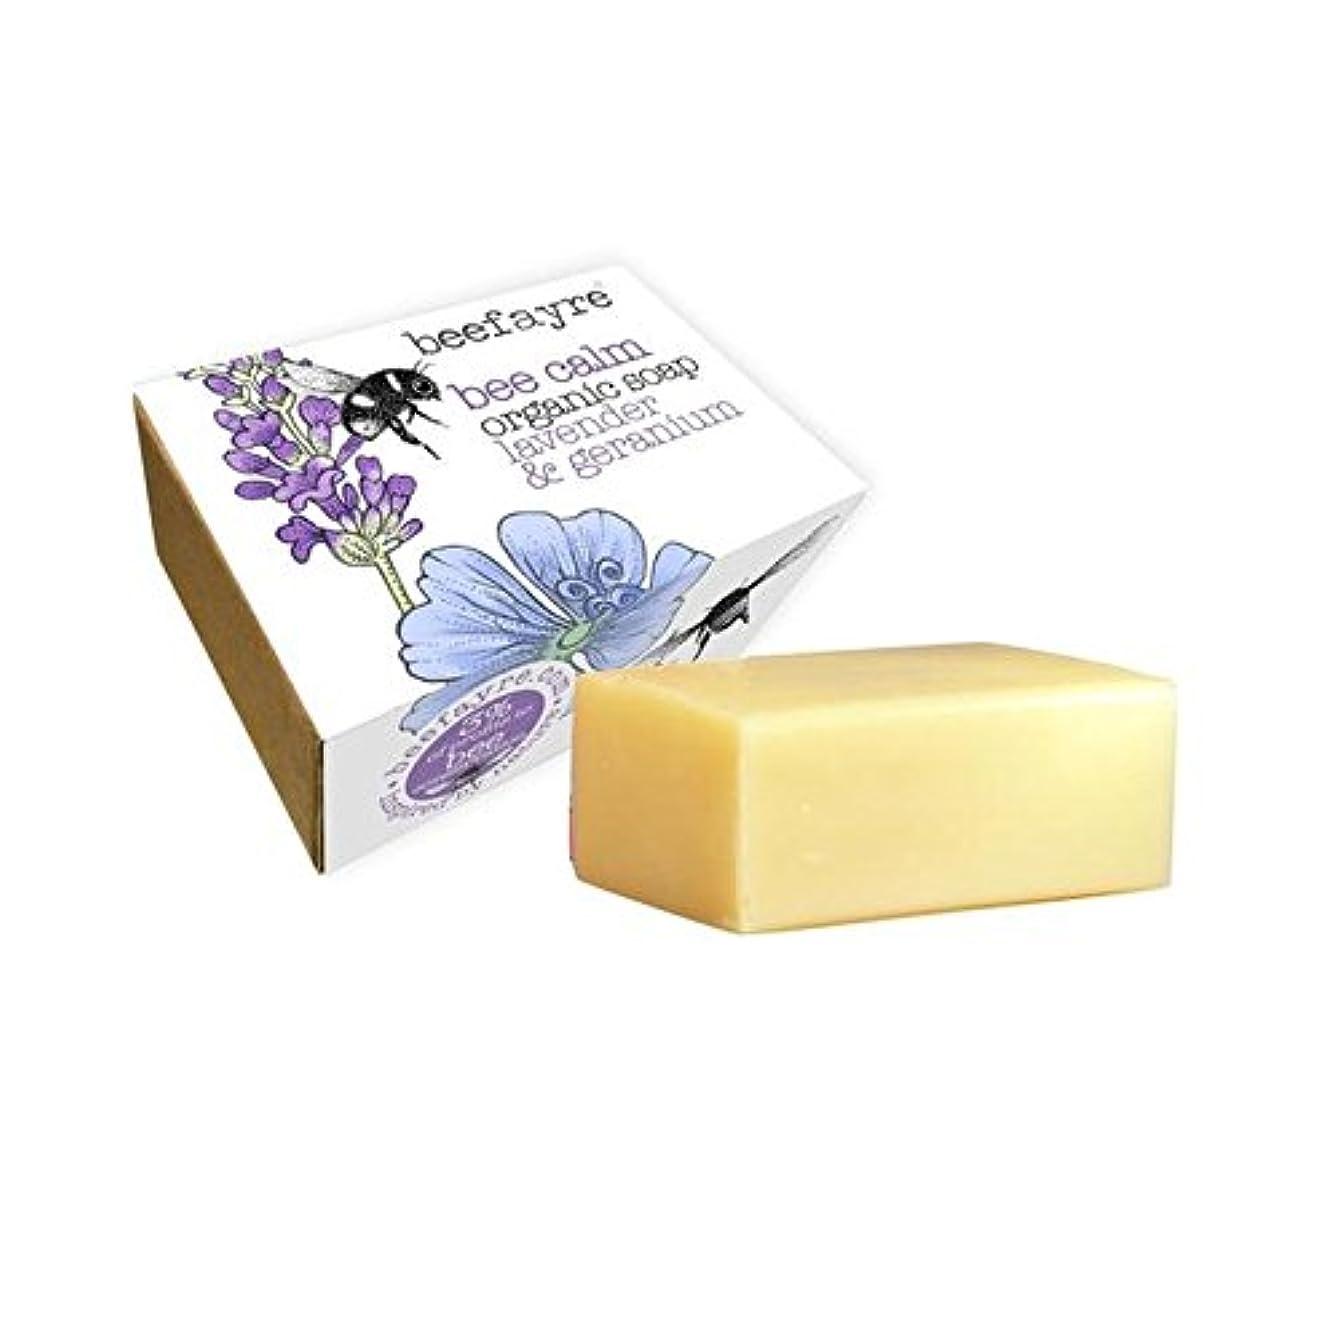 知覚する結論調整可能Beefayre Organic Geranium & Lavender Soap - 有機ゼラニウム&ラベンダー石鹸 [並行輸入品]